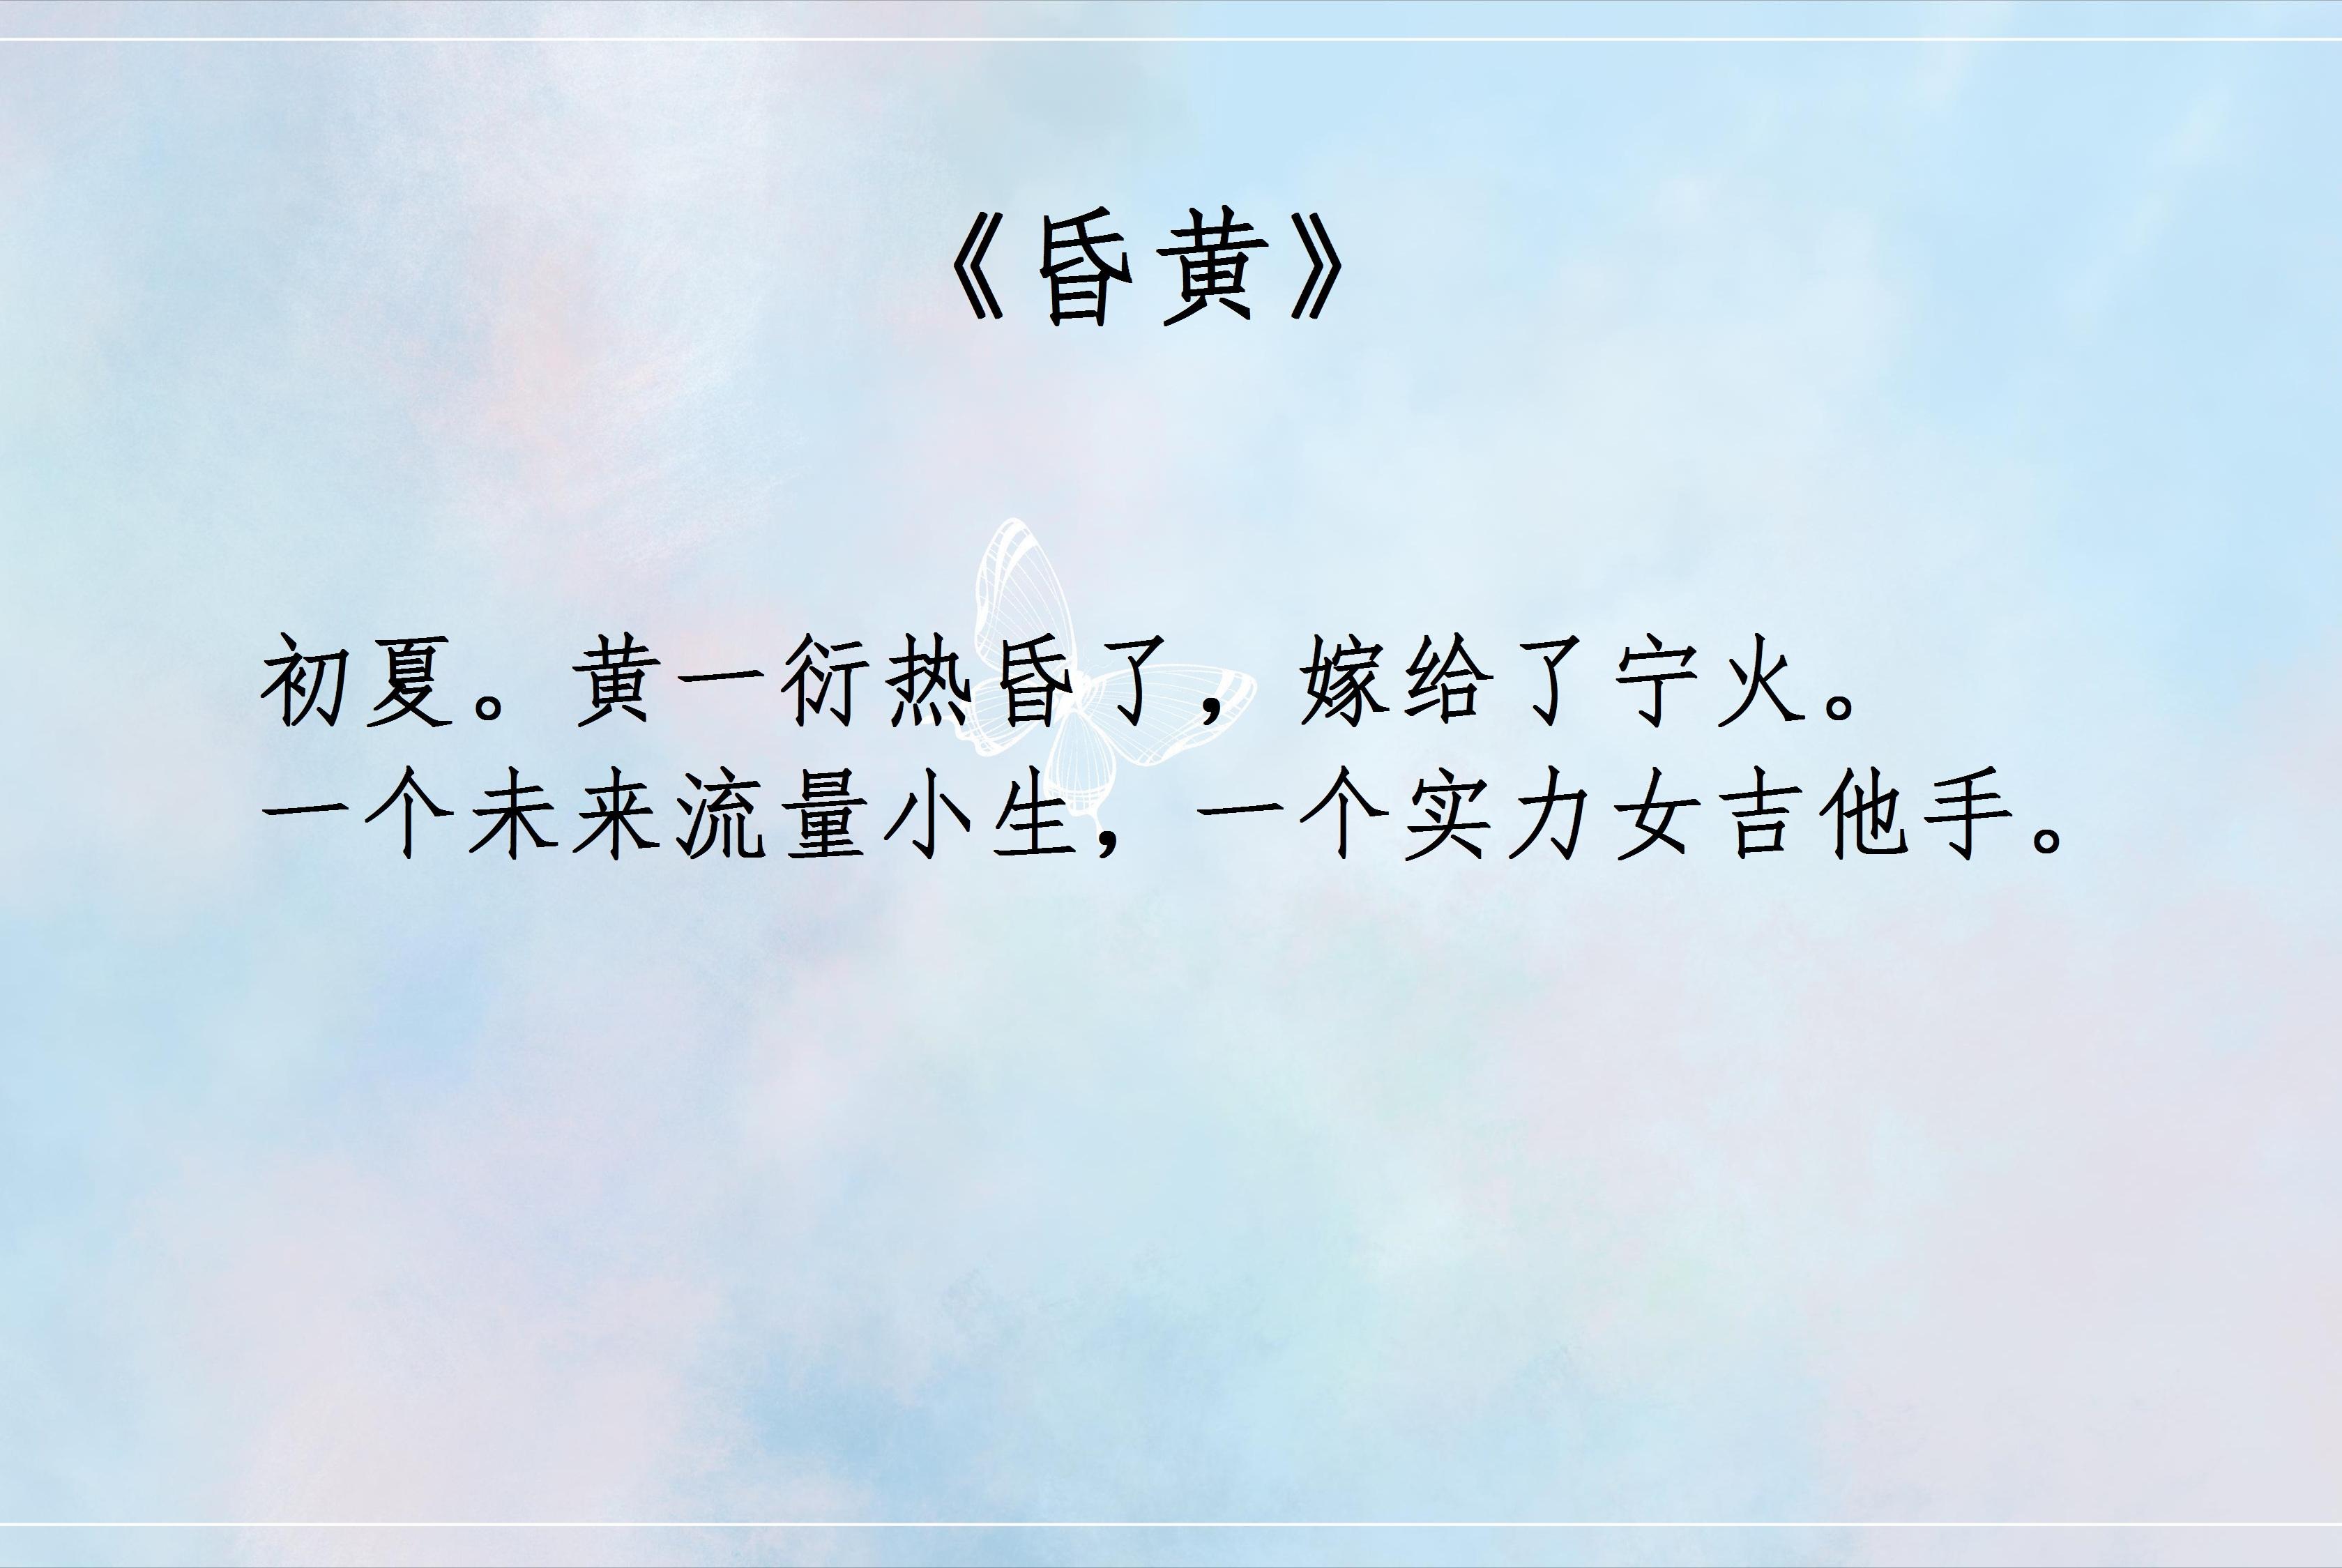 5本婚后文,《阮陈恩静》这一生最幸运的是,以你之名,冠我之姓